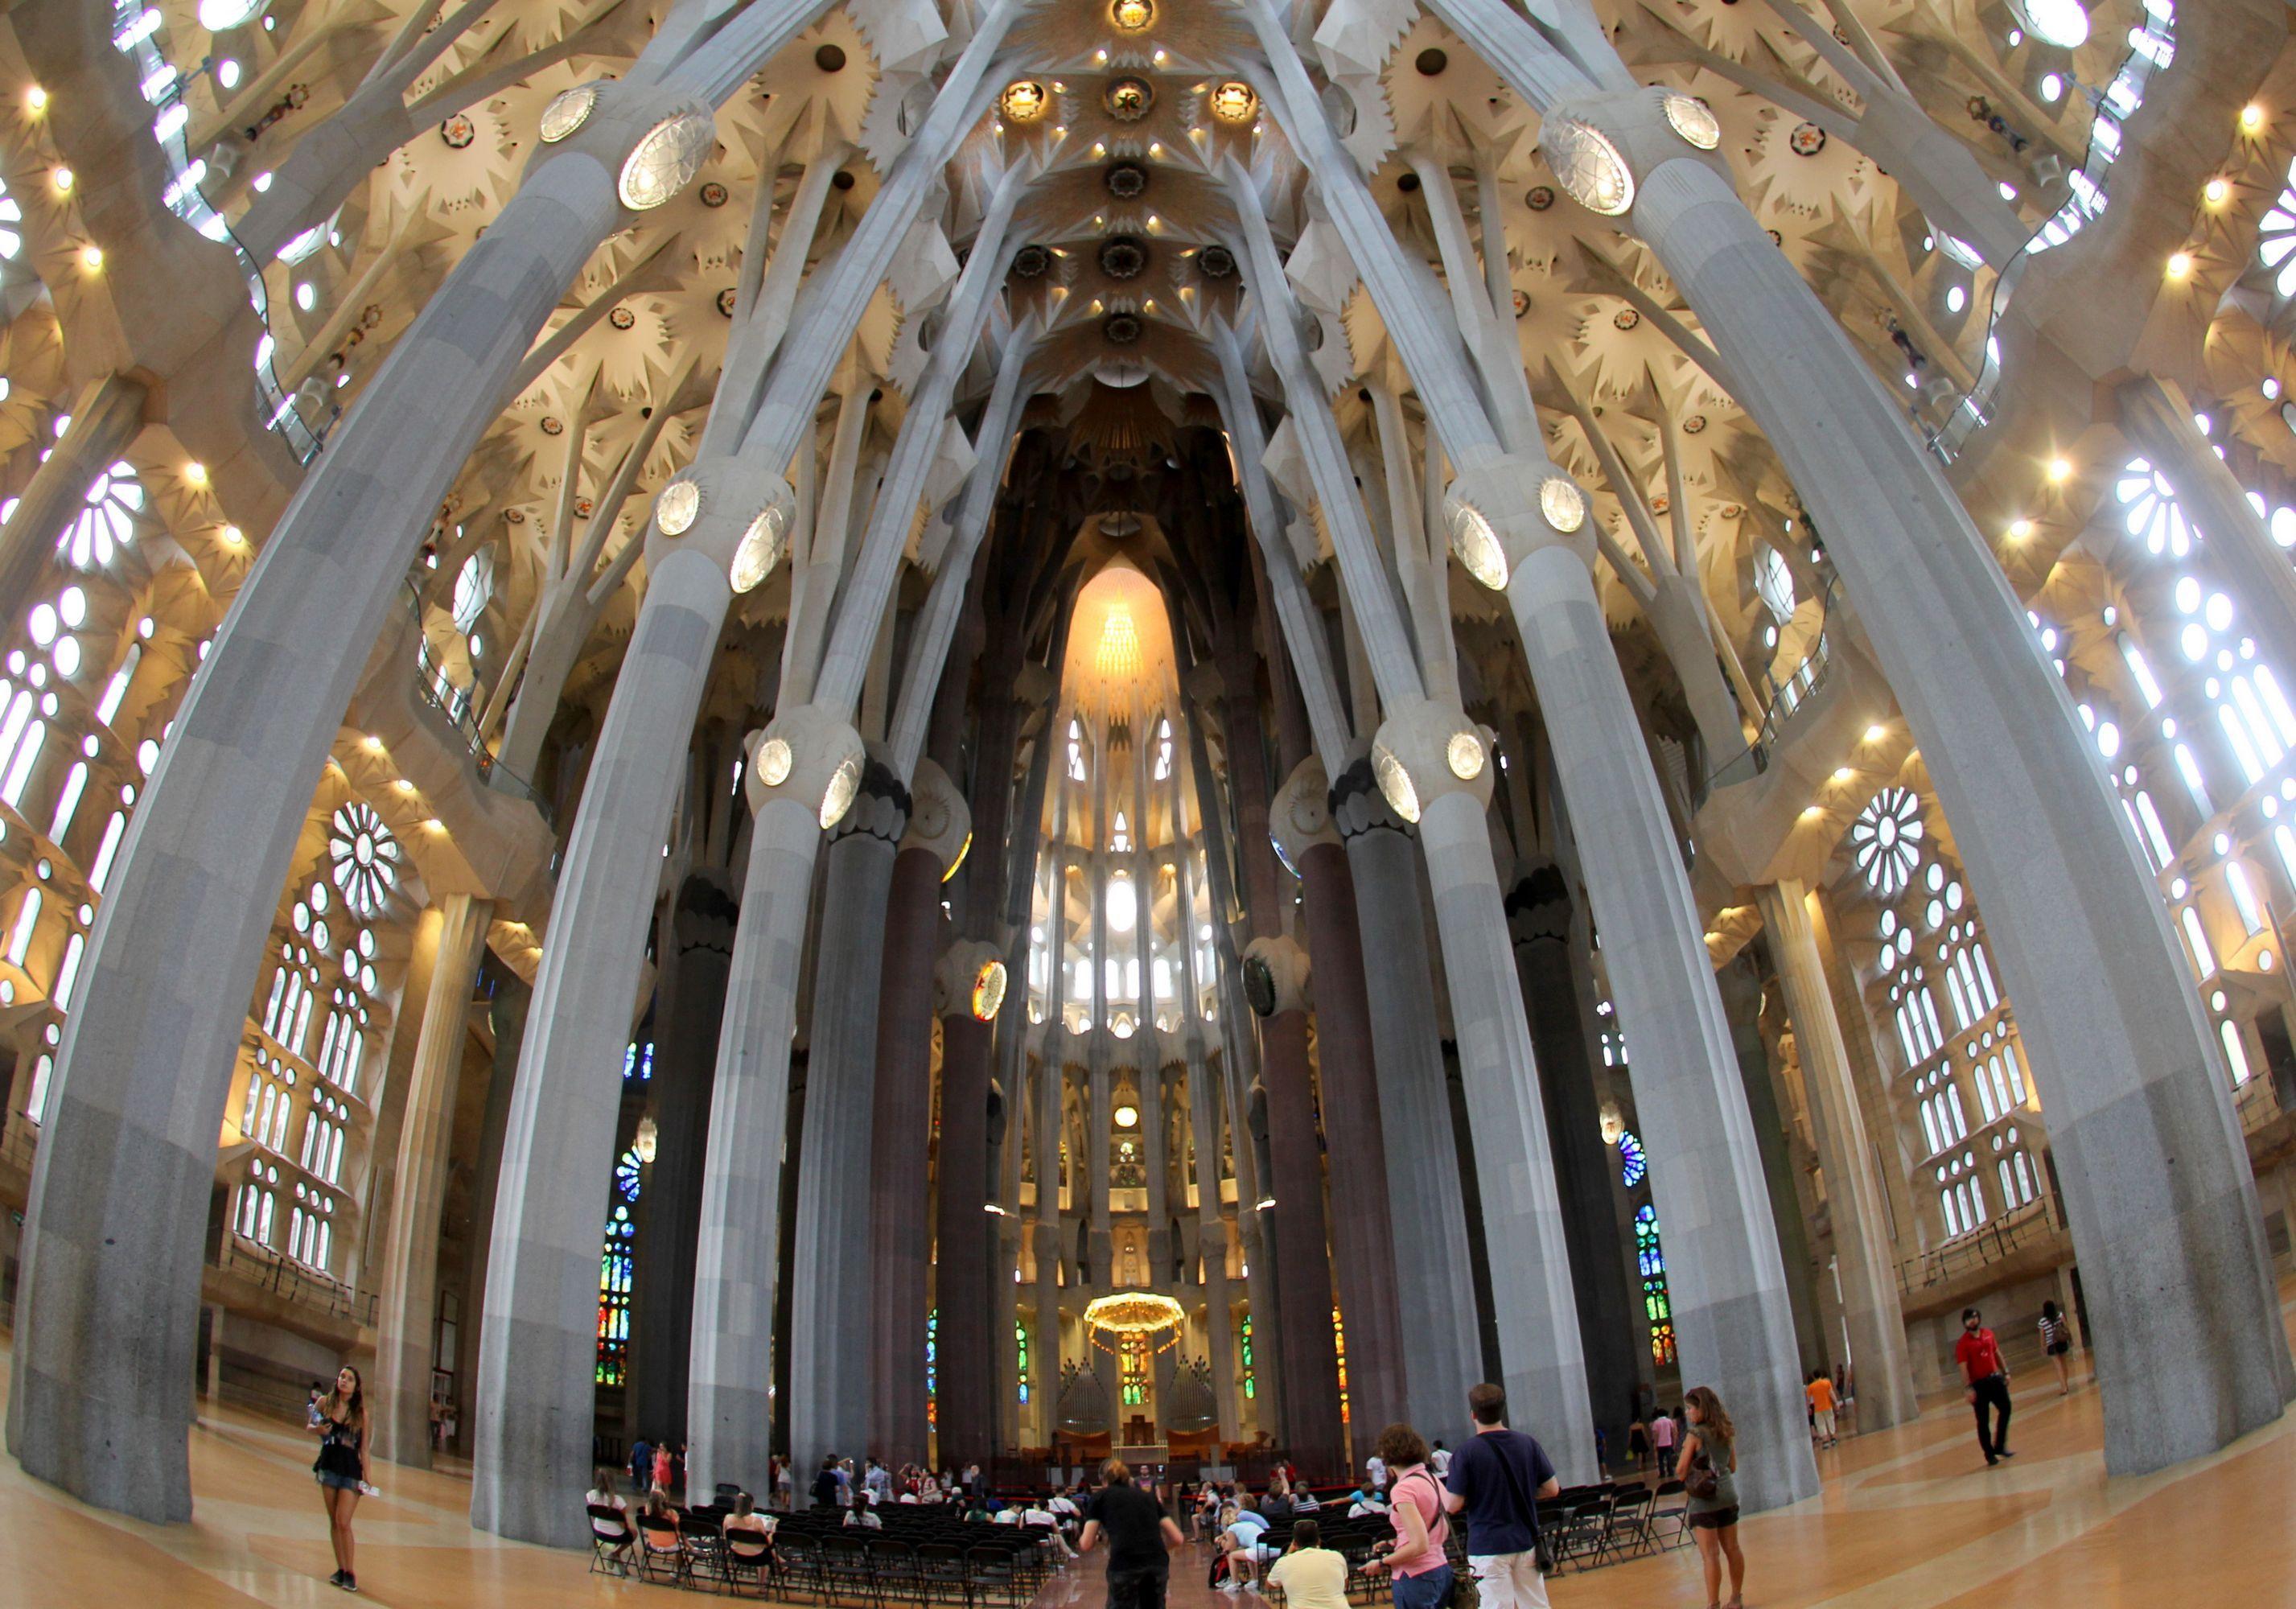 Interior del templo sagrada familia http arteameno for La sagrada familia inside